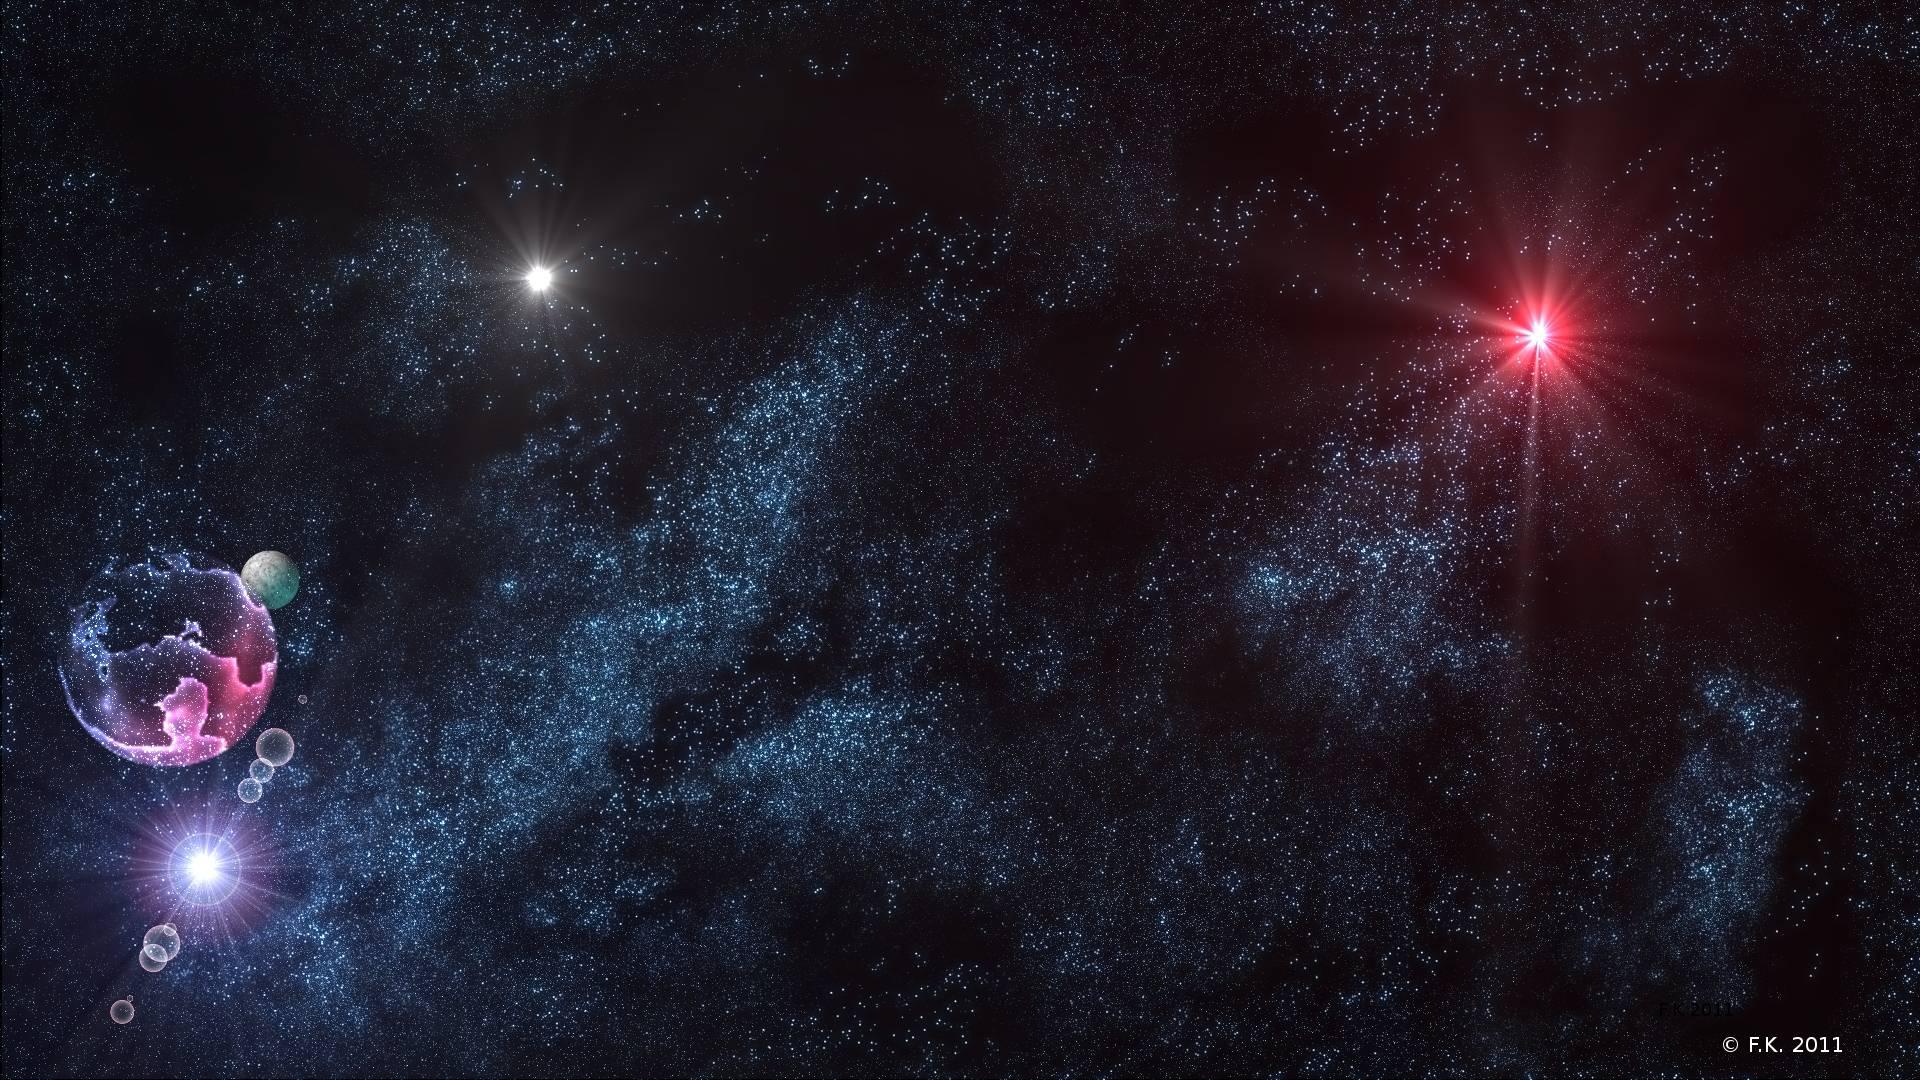 Stars In The Universe HD Desktop Wallpaper Widescreen High 1920x1080